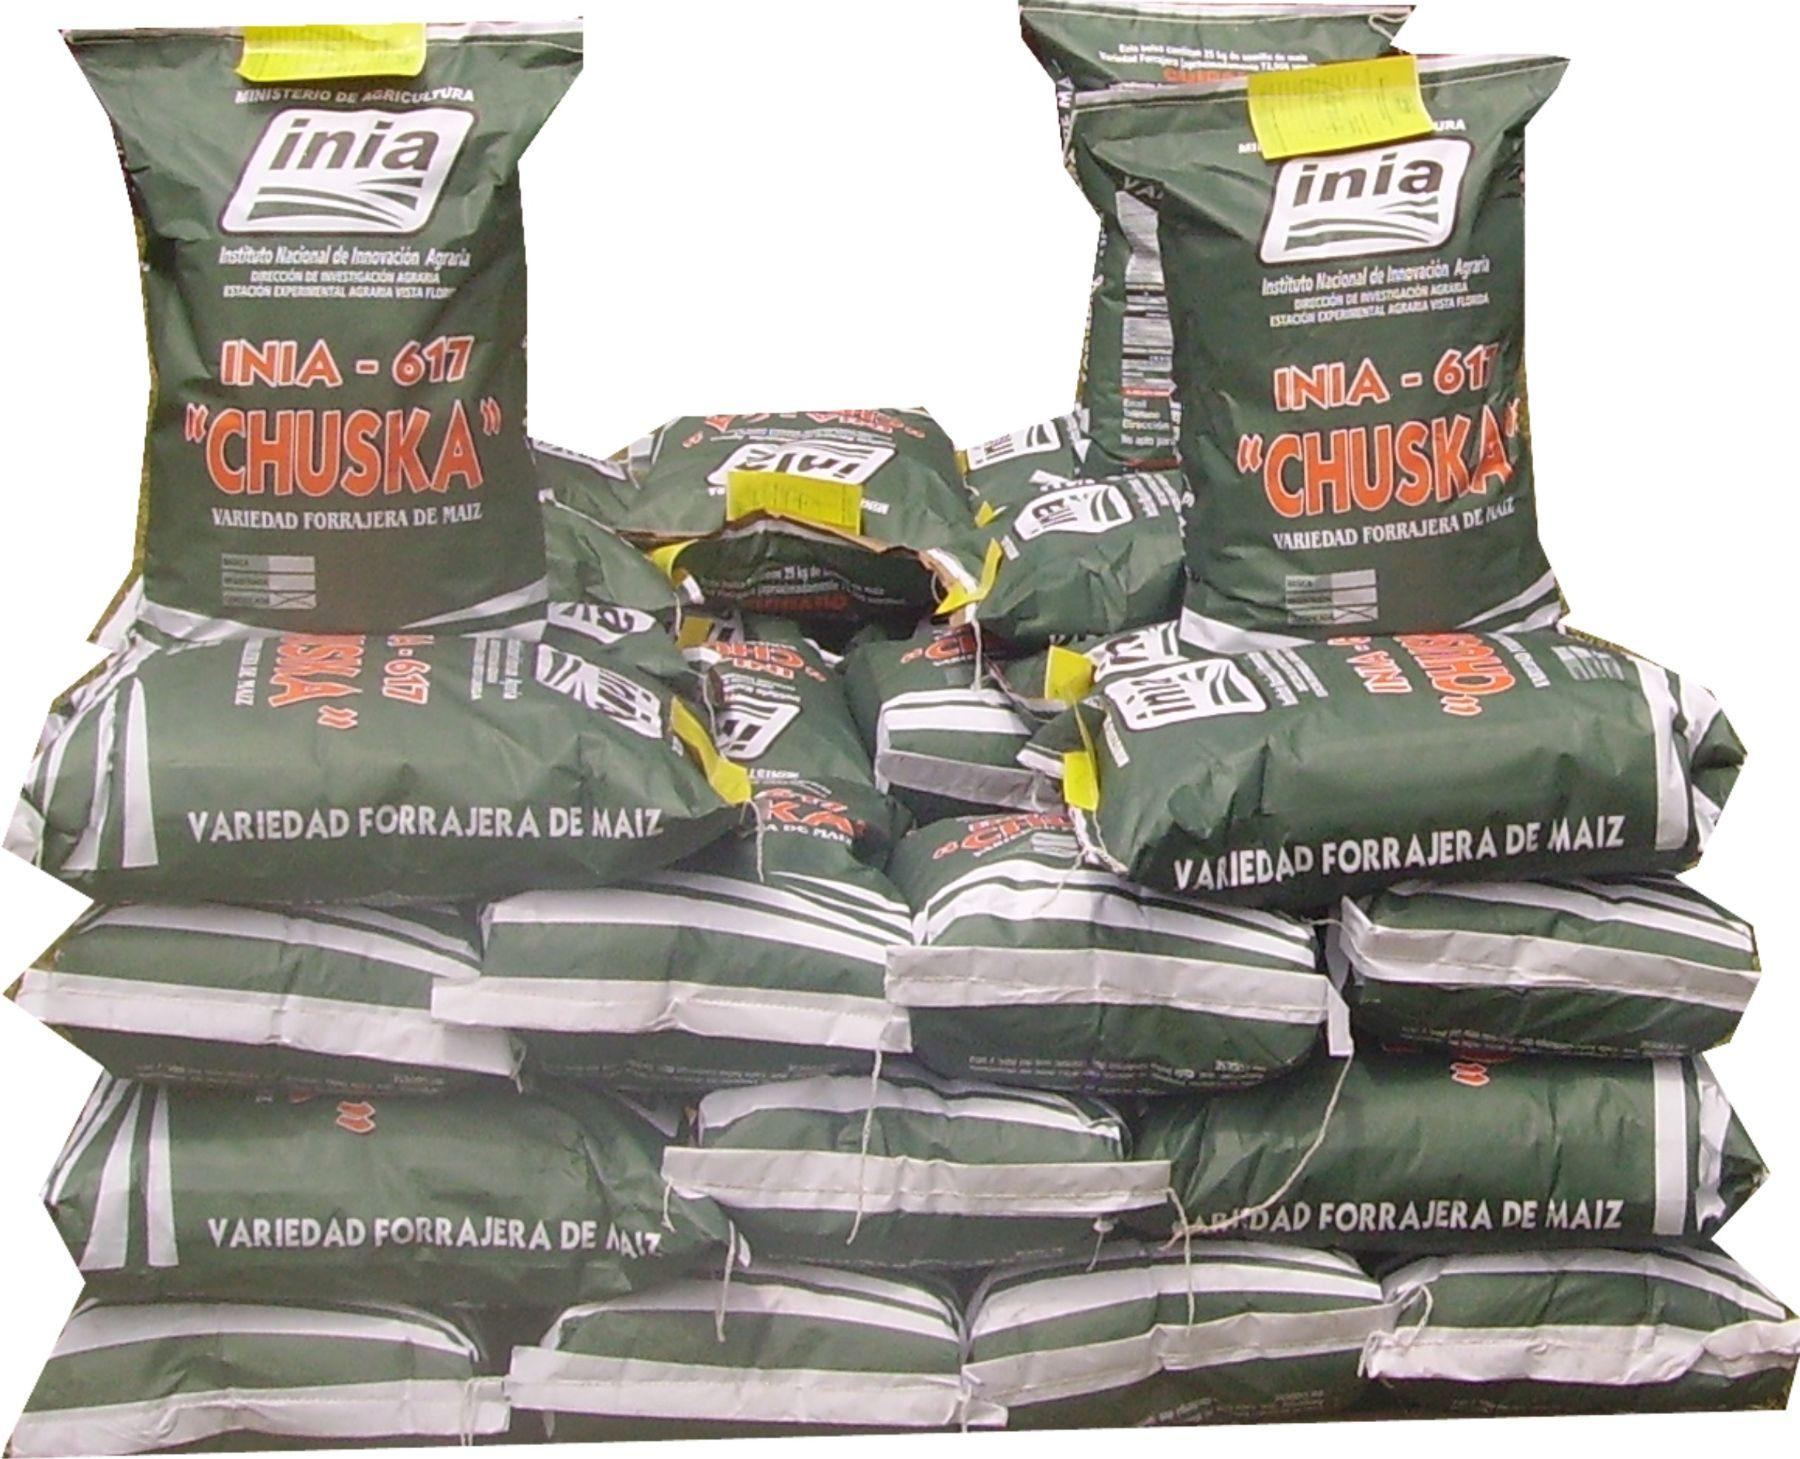 INIA pone a la venta nueva semilla de maíz amarillo duro INIA 617 - Chuska.